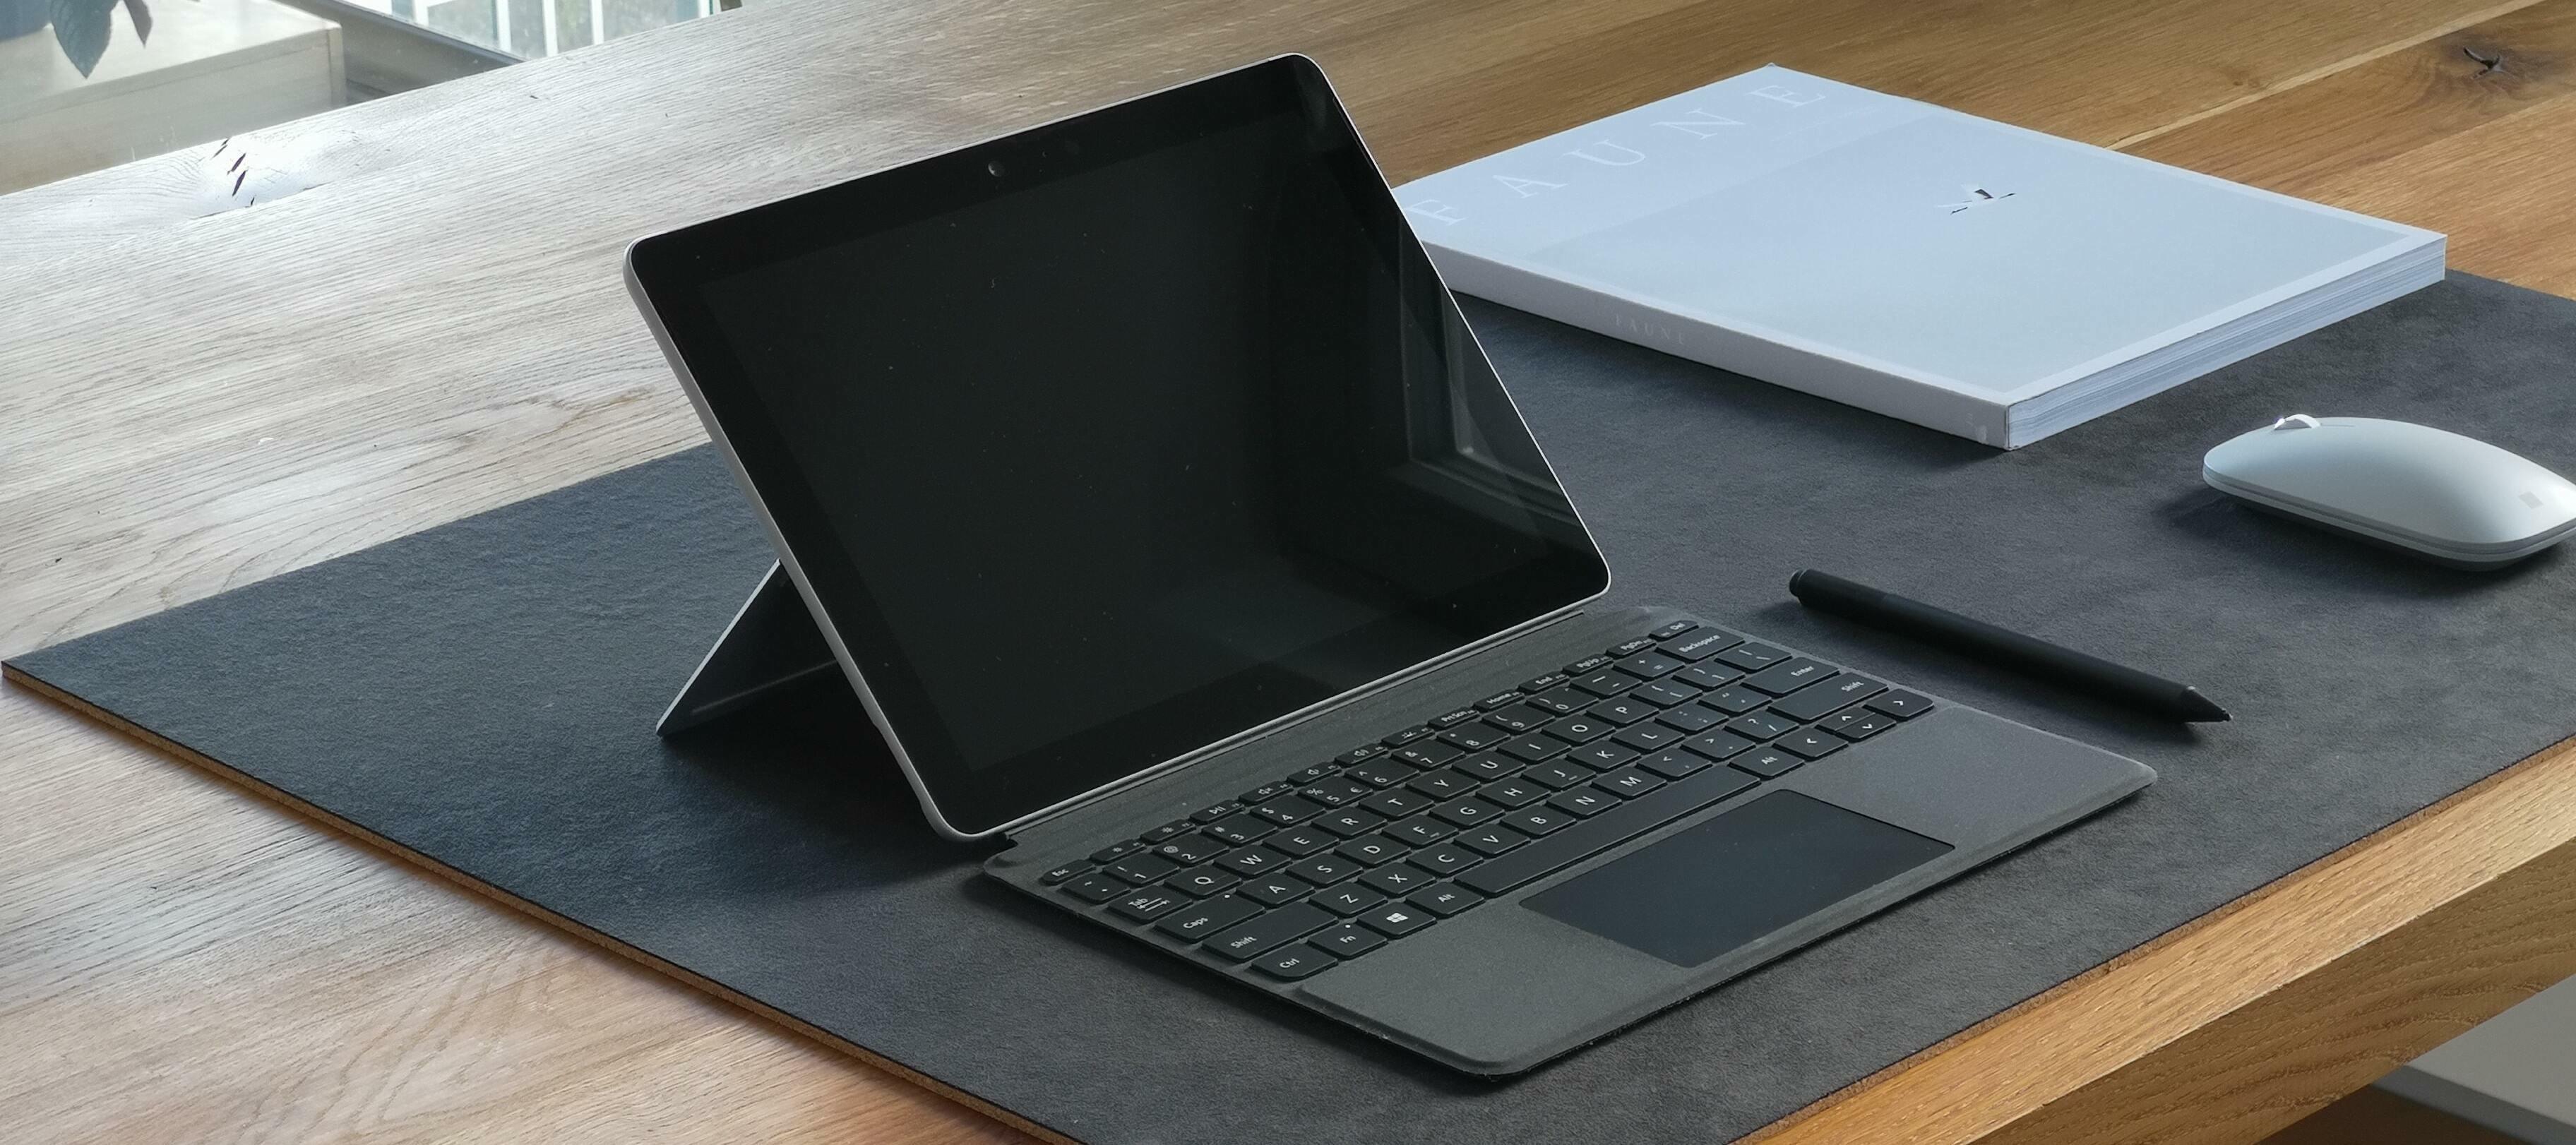 Erfahrungsbericht zum Microsoft Surface Pro X mit Signatur-Tastatur in Schwarz + Surface Slim Pen im Bundle